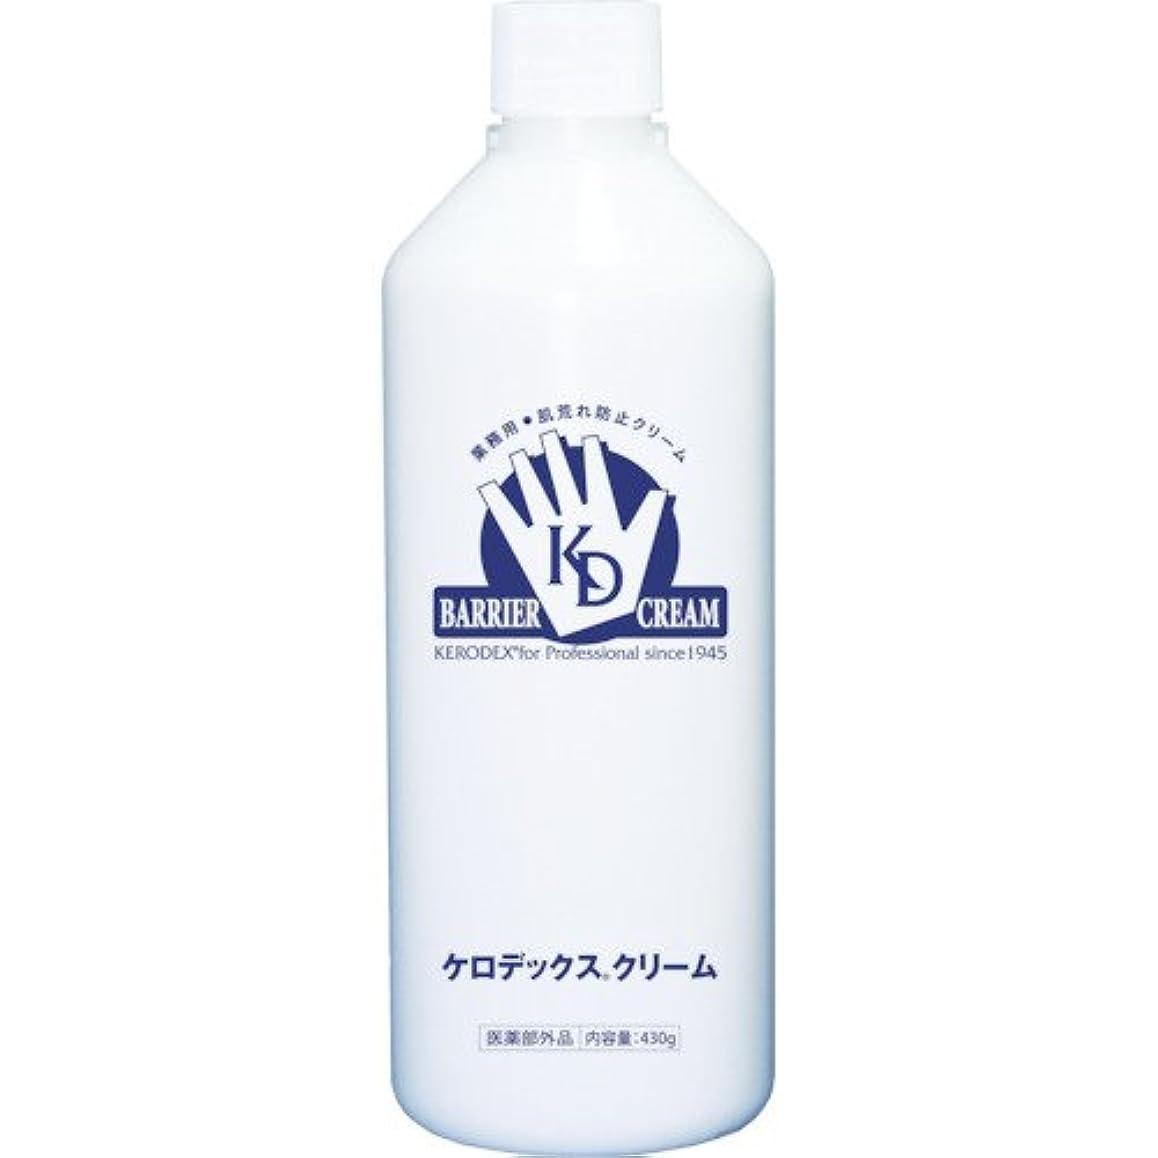 毒液ピカソ一節ケロデックスクリーム ボトルタイプ 詰替用 430g